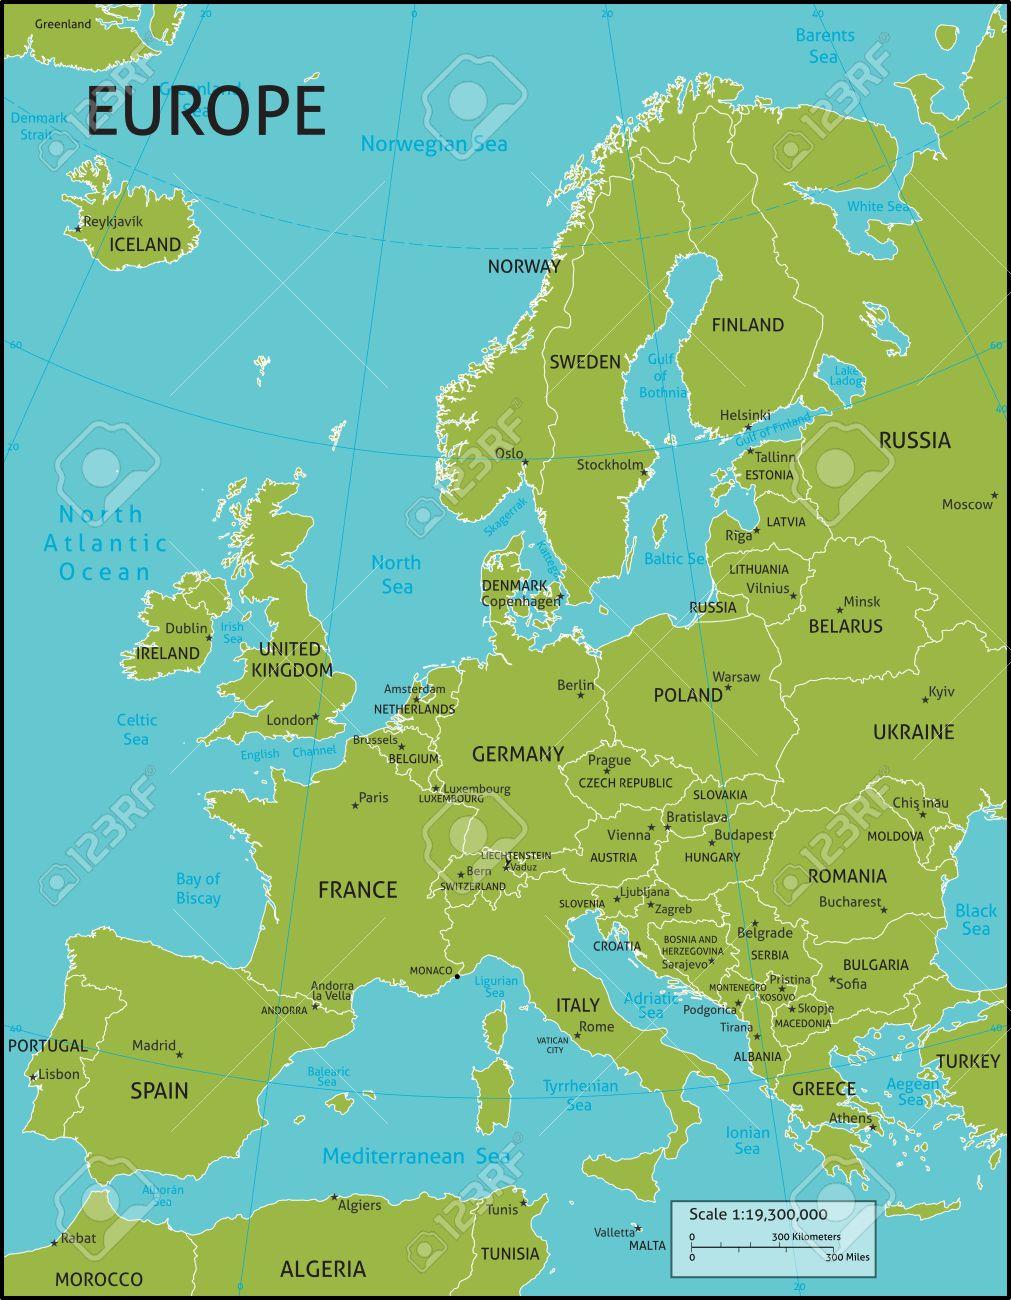 Une Carte De L'europe Avec Tous Les Noms De Pays, Et Les Capitales De Pays.  Organisé Dans La Version De Vecteur Dans Facile D'utiliser Des Couches. serapportantà Carte D Europe Capitale